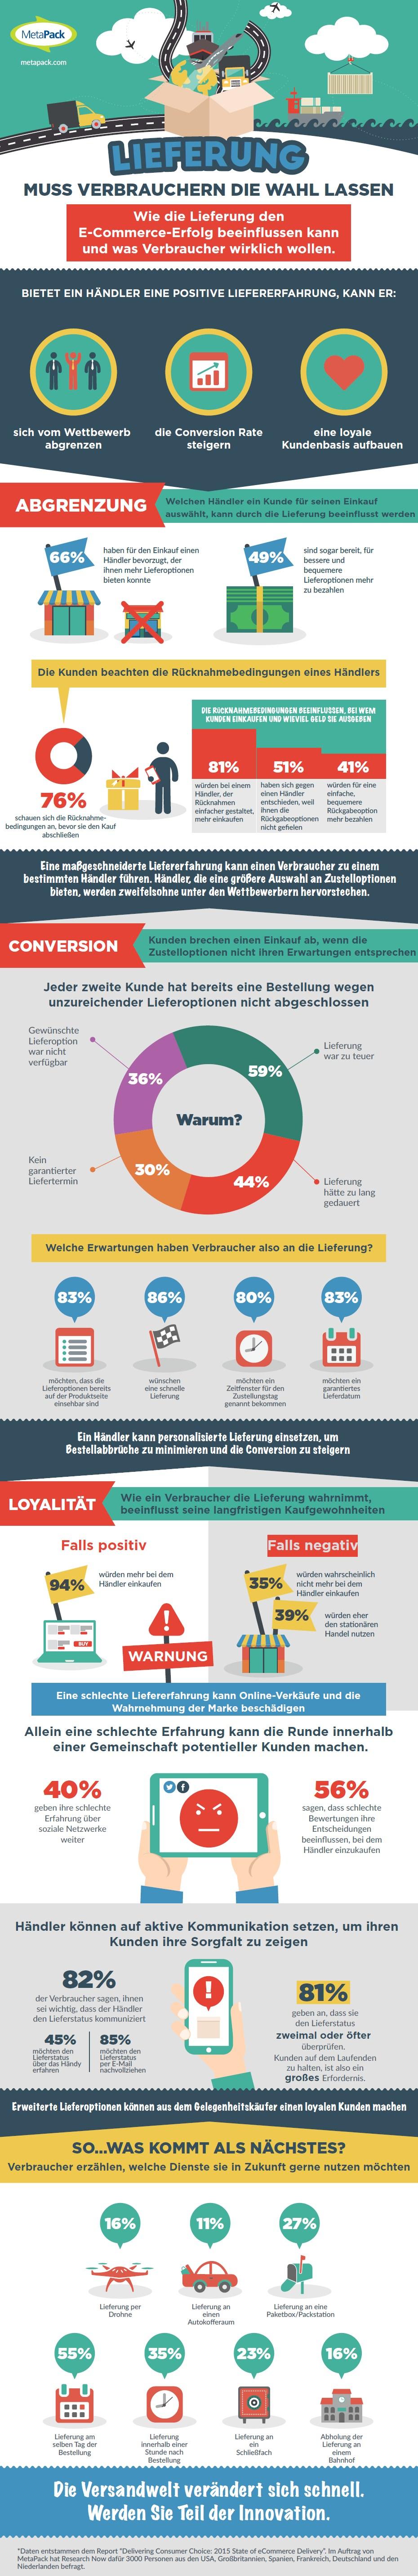 infografik metapack lieferung versand online